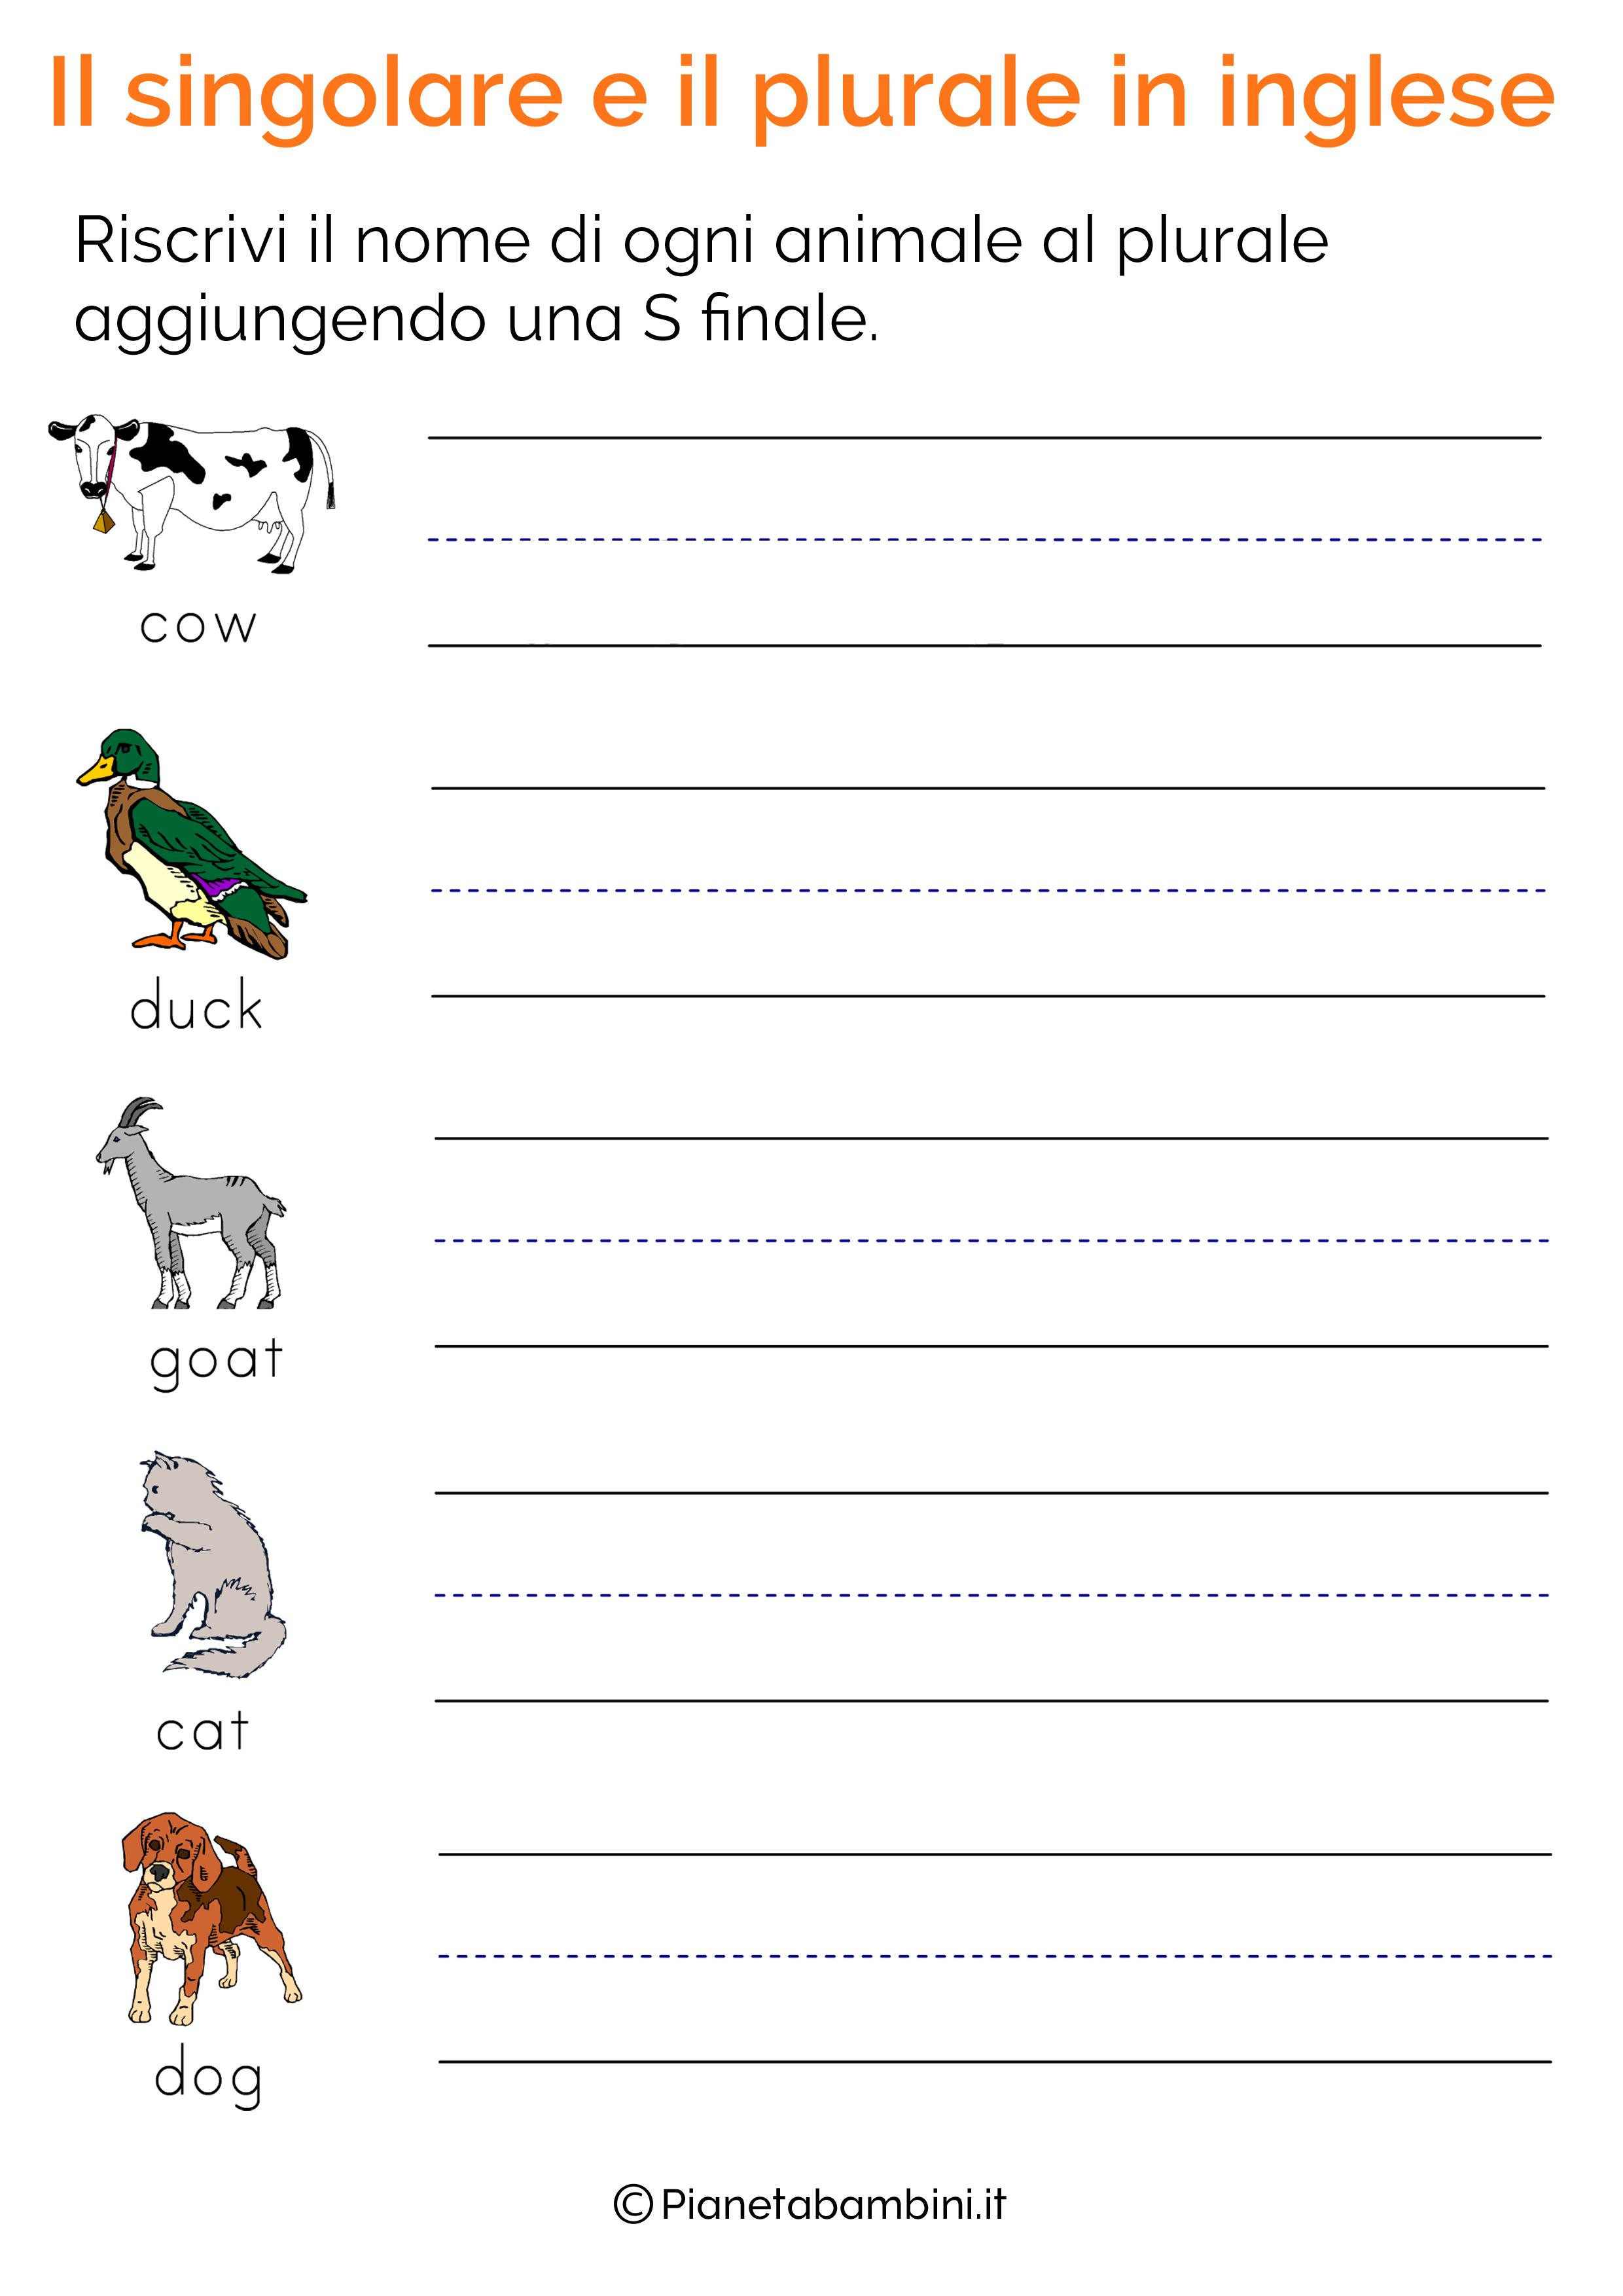 Esercizi sul singolare e plurale in inglese pagina 4